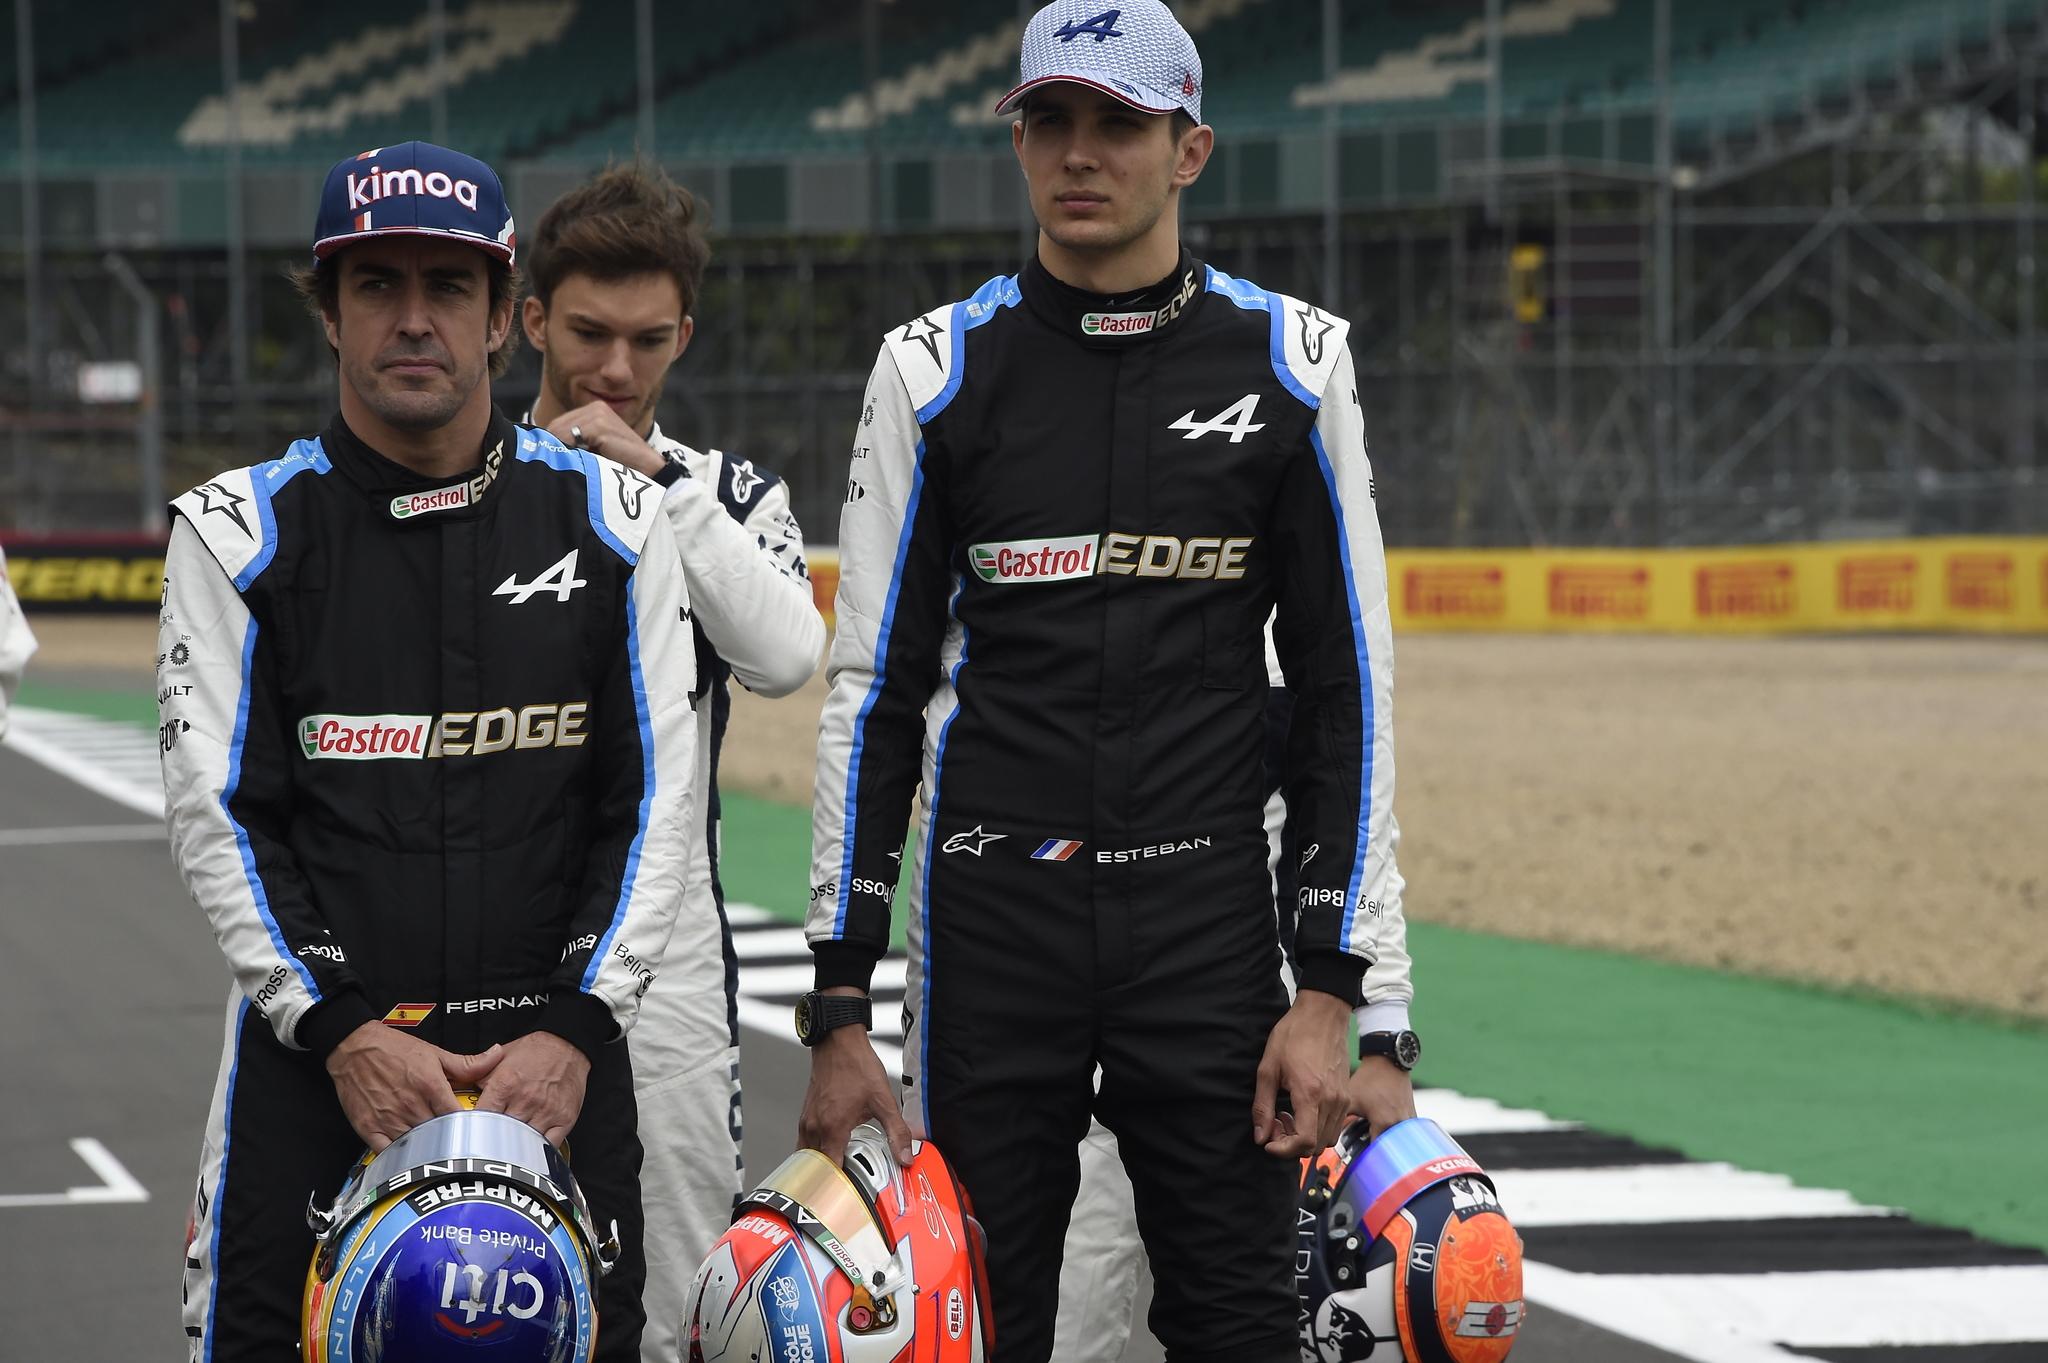 lt;HIT gt;Fernando lt;/HIT gt; lt;HIT gt;Alonso lt;/HIT gt; y Esteban Ocon Presentación F1 2022 con los pilotos G.P. de Gran Bretaña, 10 prueba de la temporada, en el circuito de Silverstone, el jueves 15 de julio de 2021 Foto Rubio *** Local Caption *** RUBIO